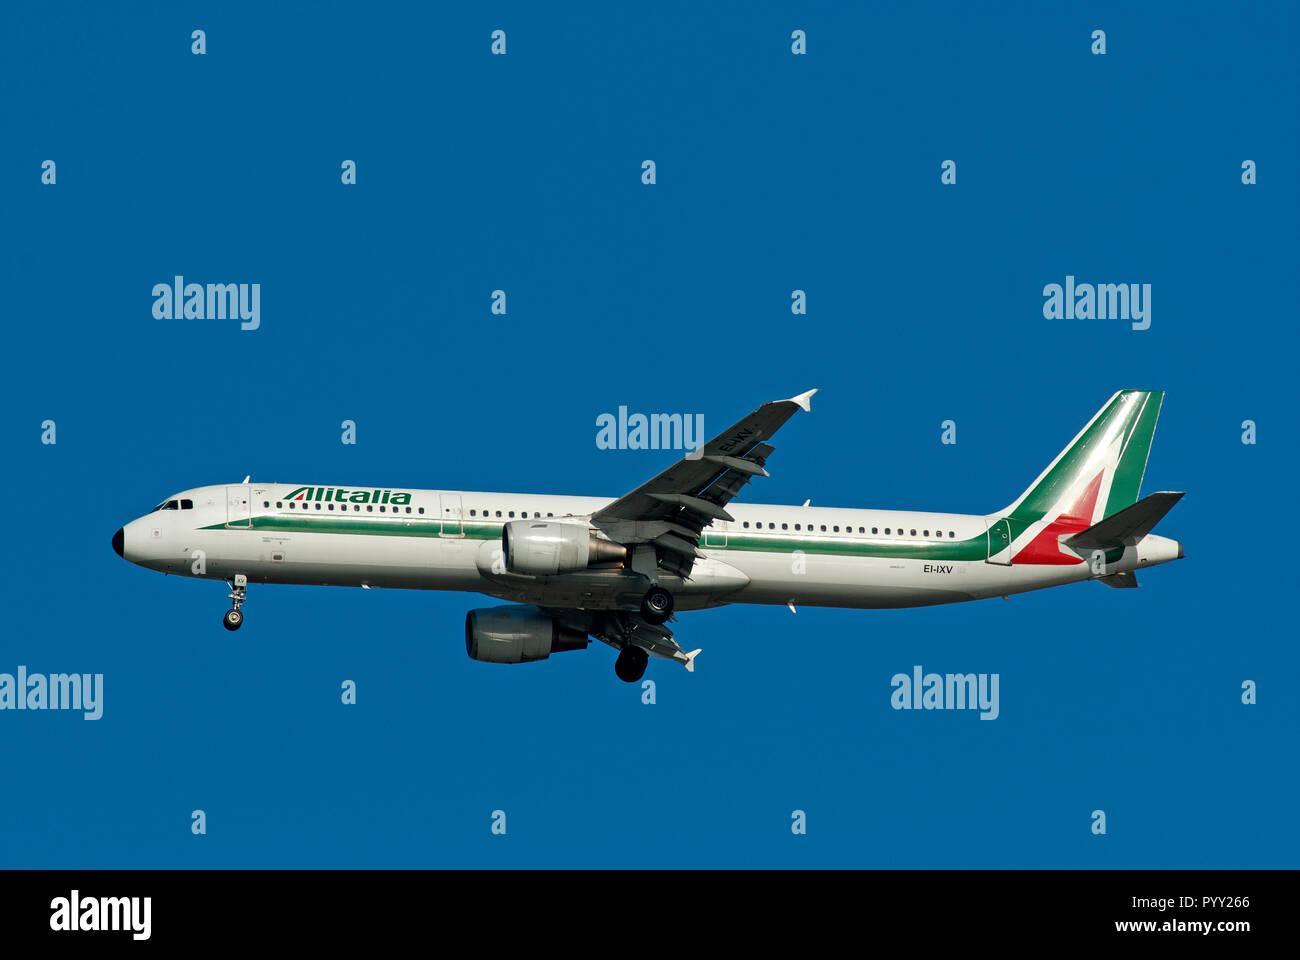 Alitalia Airbus A321 in flight near Fiumicino Airport, Rome, Lazio, Italy - Stock Image